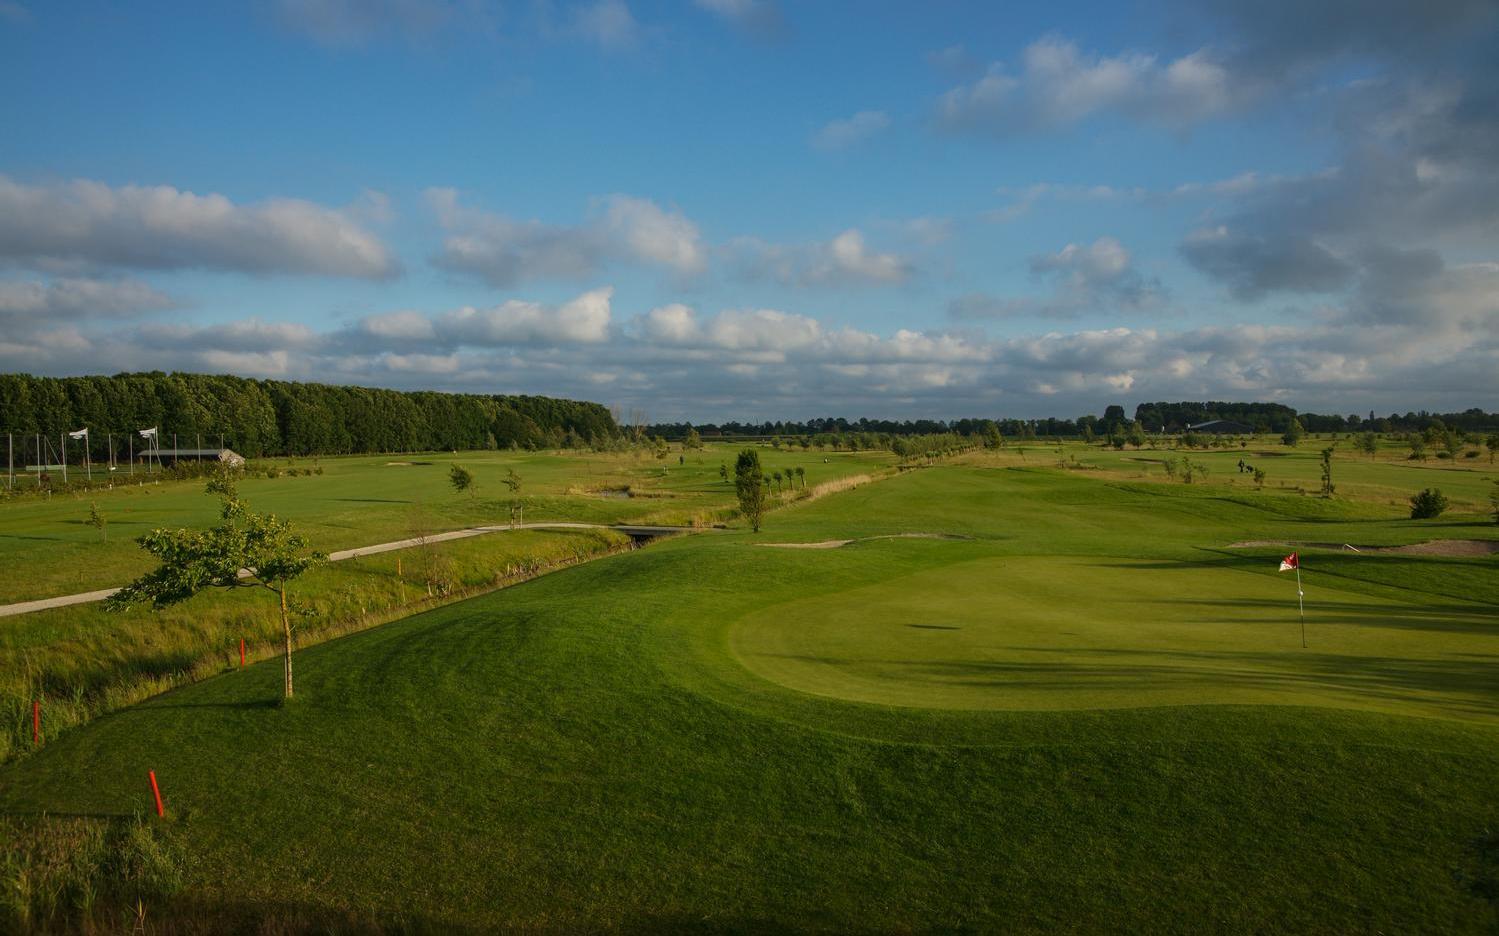 Golfbaan Beemster in Middenbeemster